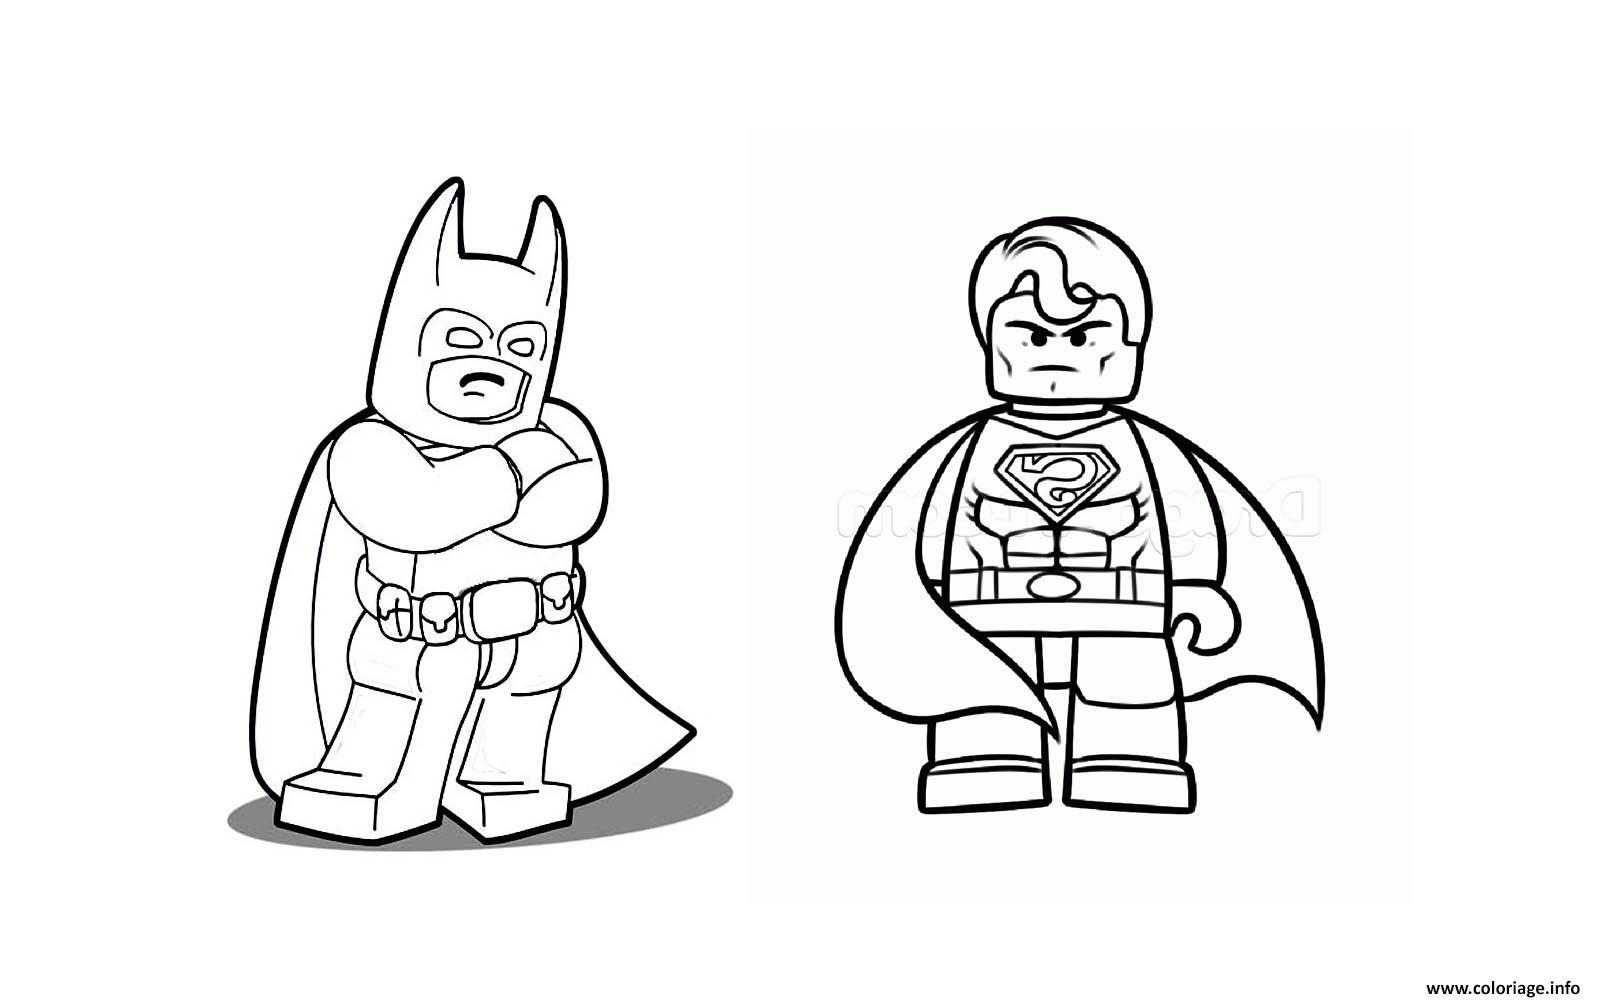 Coloriage Batman Gratuit.Coloriage Batman Vs Superman Lego 2016 Jecolorie Com